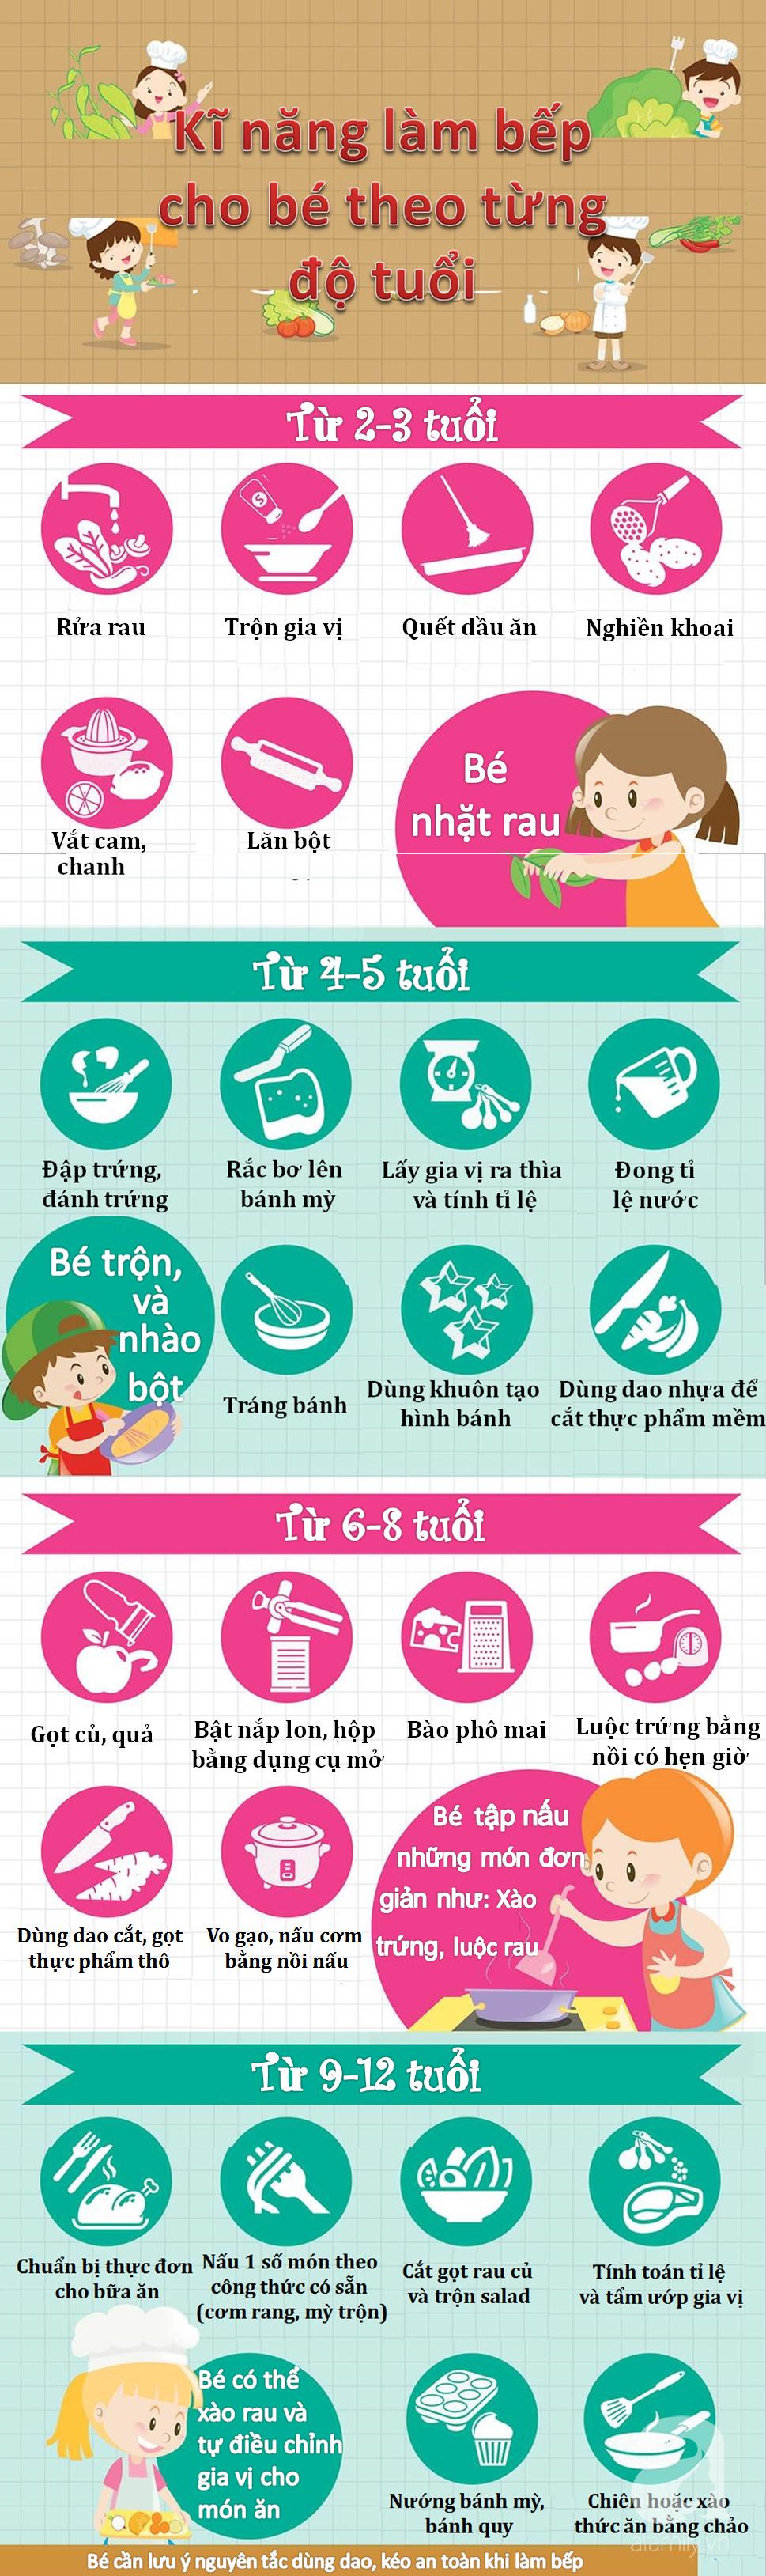 Thay vì ép con ăn, đây là cách các mẹ Nhật áp dụng để trẻ hay ăn chóng lớn - Ảnh 2.